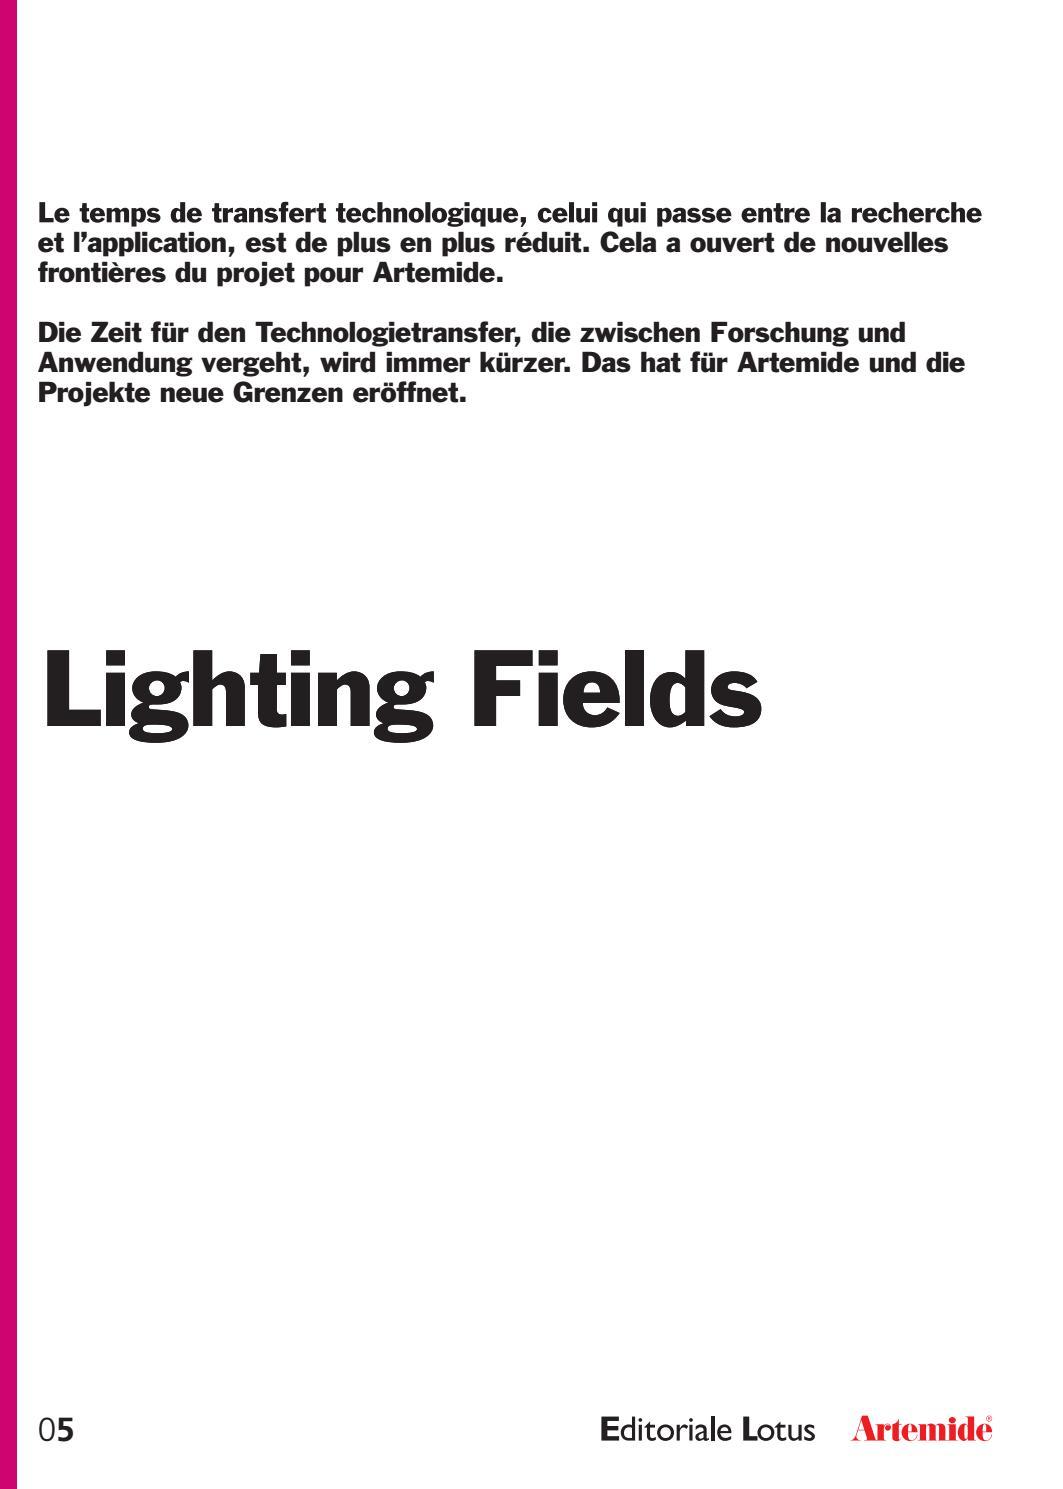 Lighting Fields 5 - 2016 FR/DE by Artemide - issuu